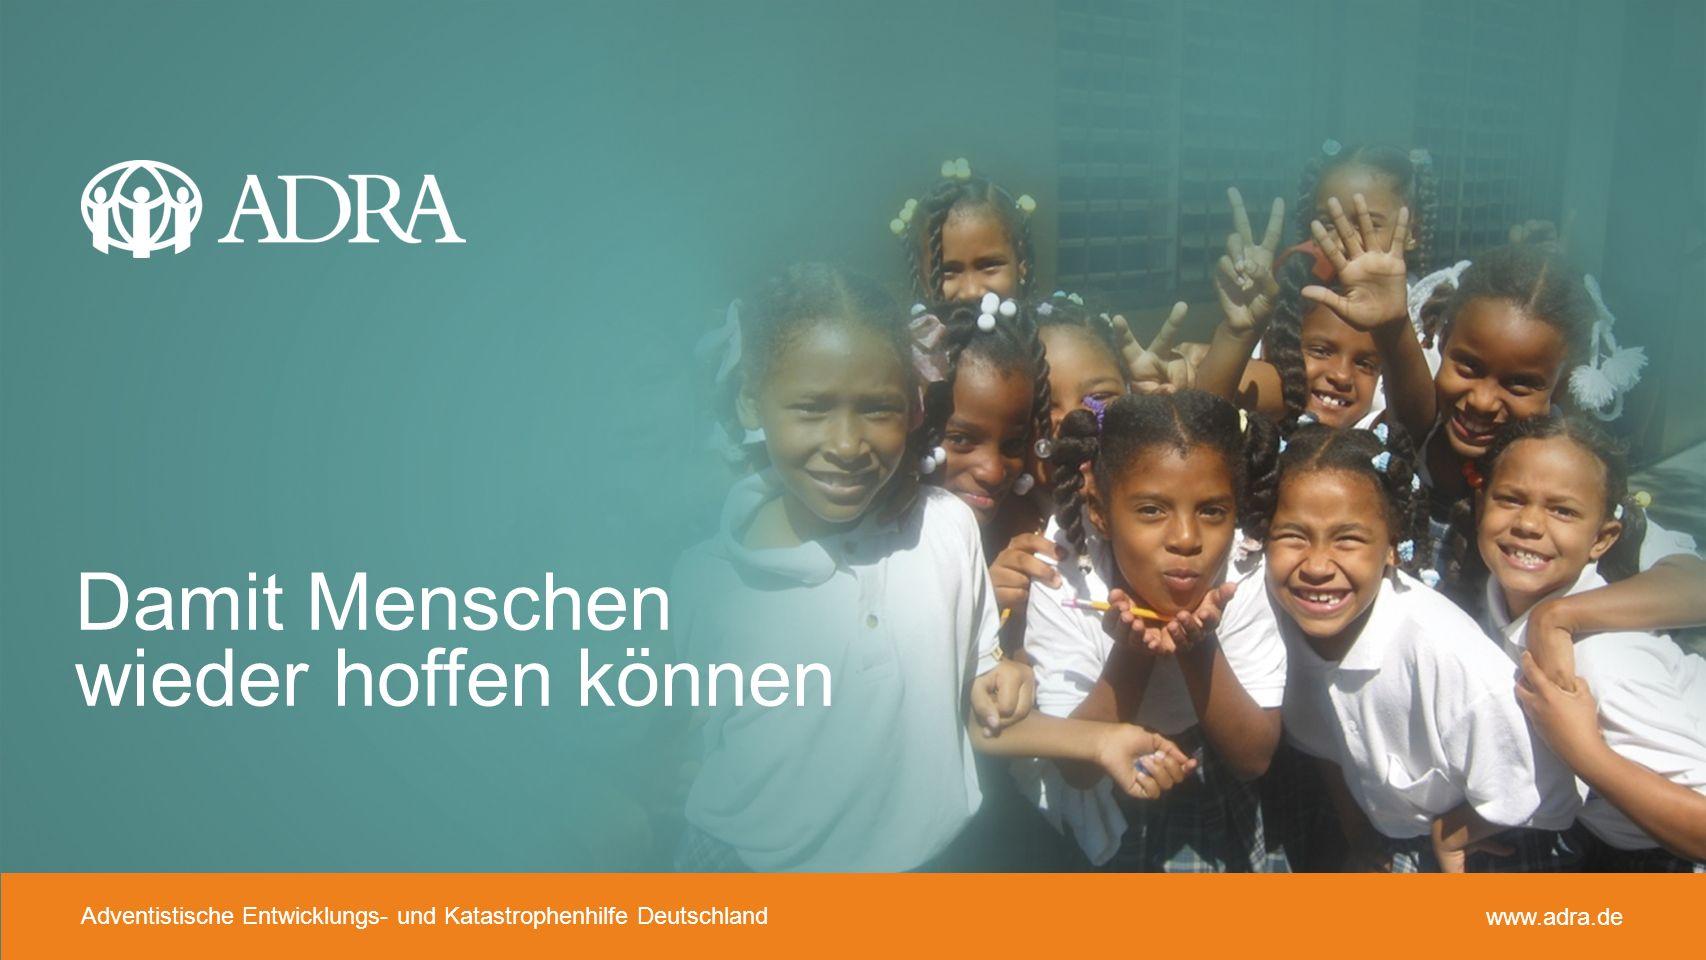 Adventistische Entwicklungs- und Katastrophenhilfe www.adra.de Adventistische Entwicklungs- und Katastrophenhilfe Deutschland www.adra.de Damit Mensch